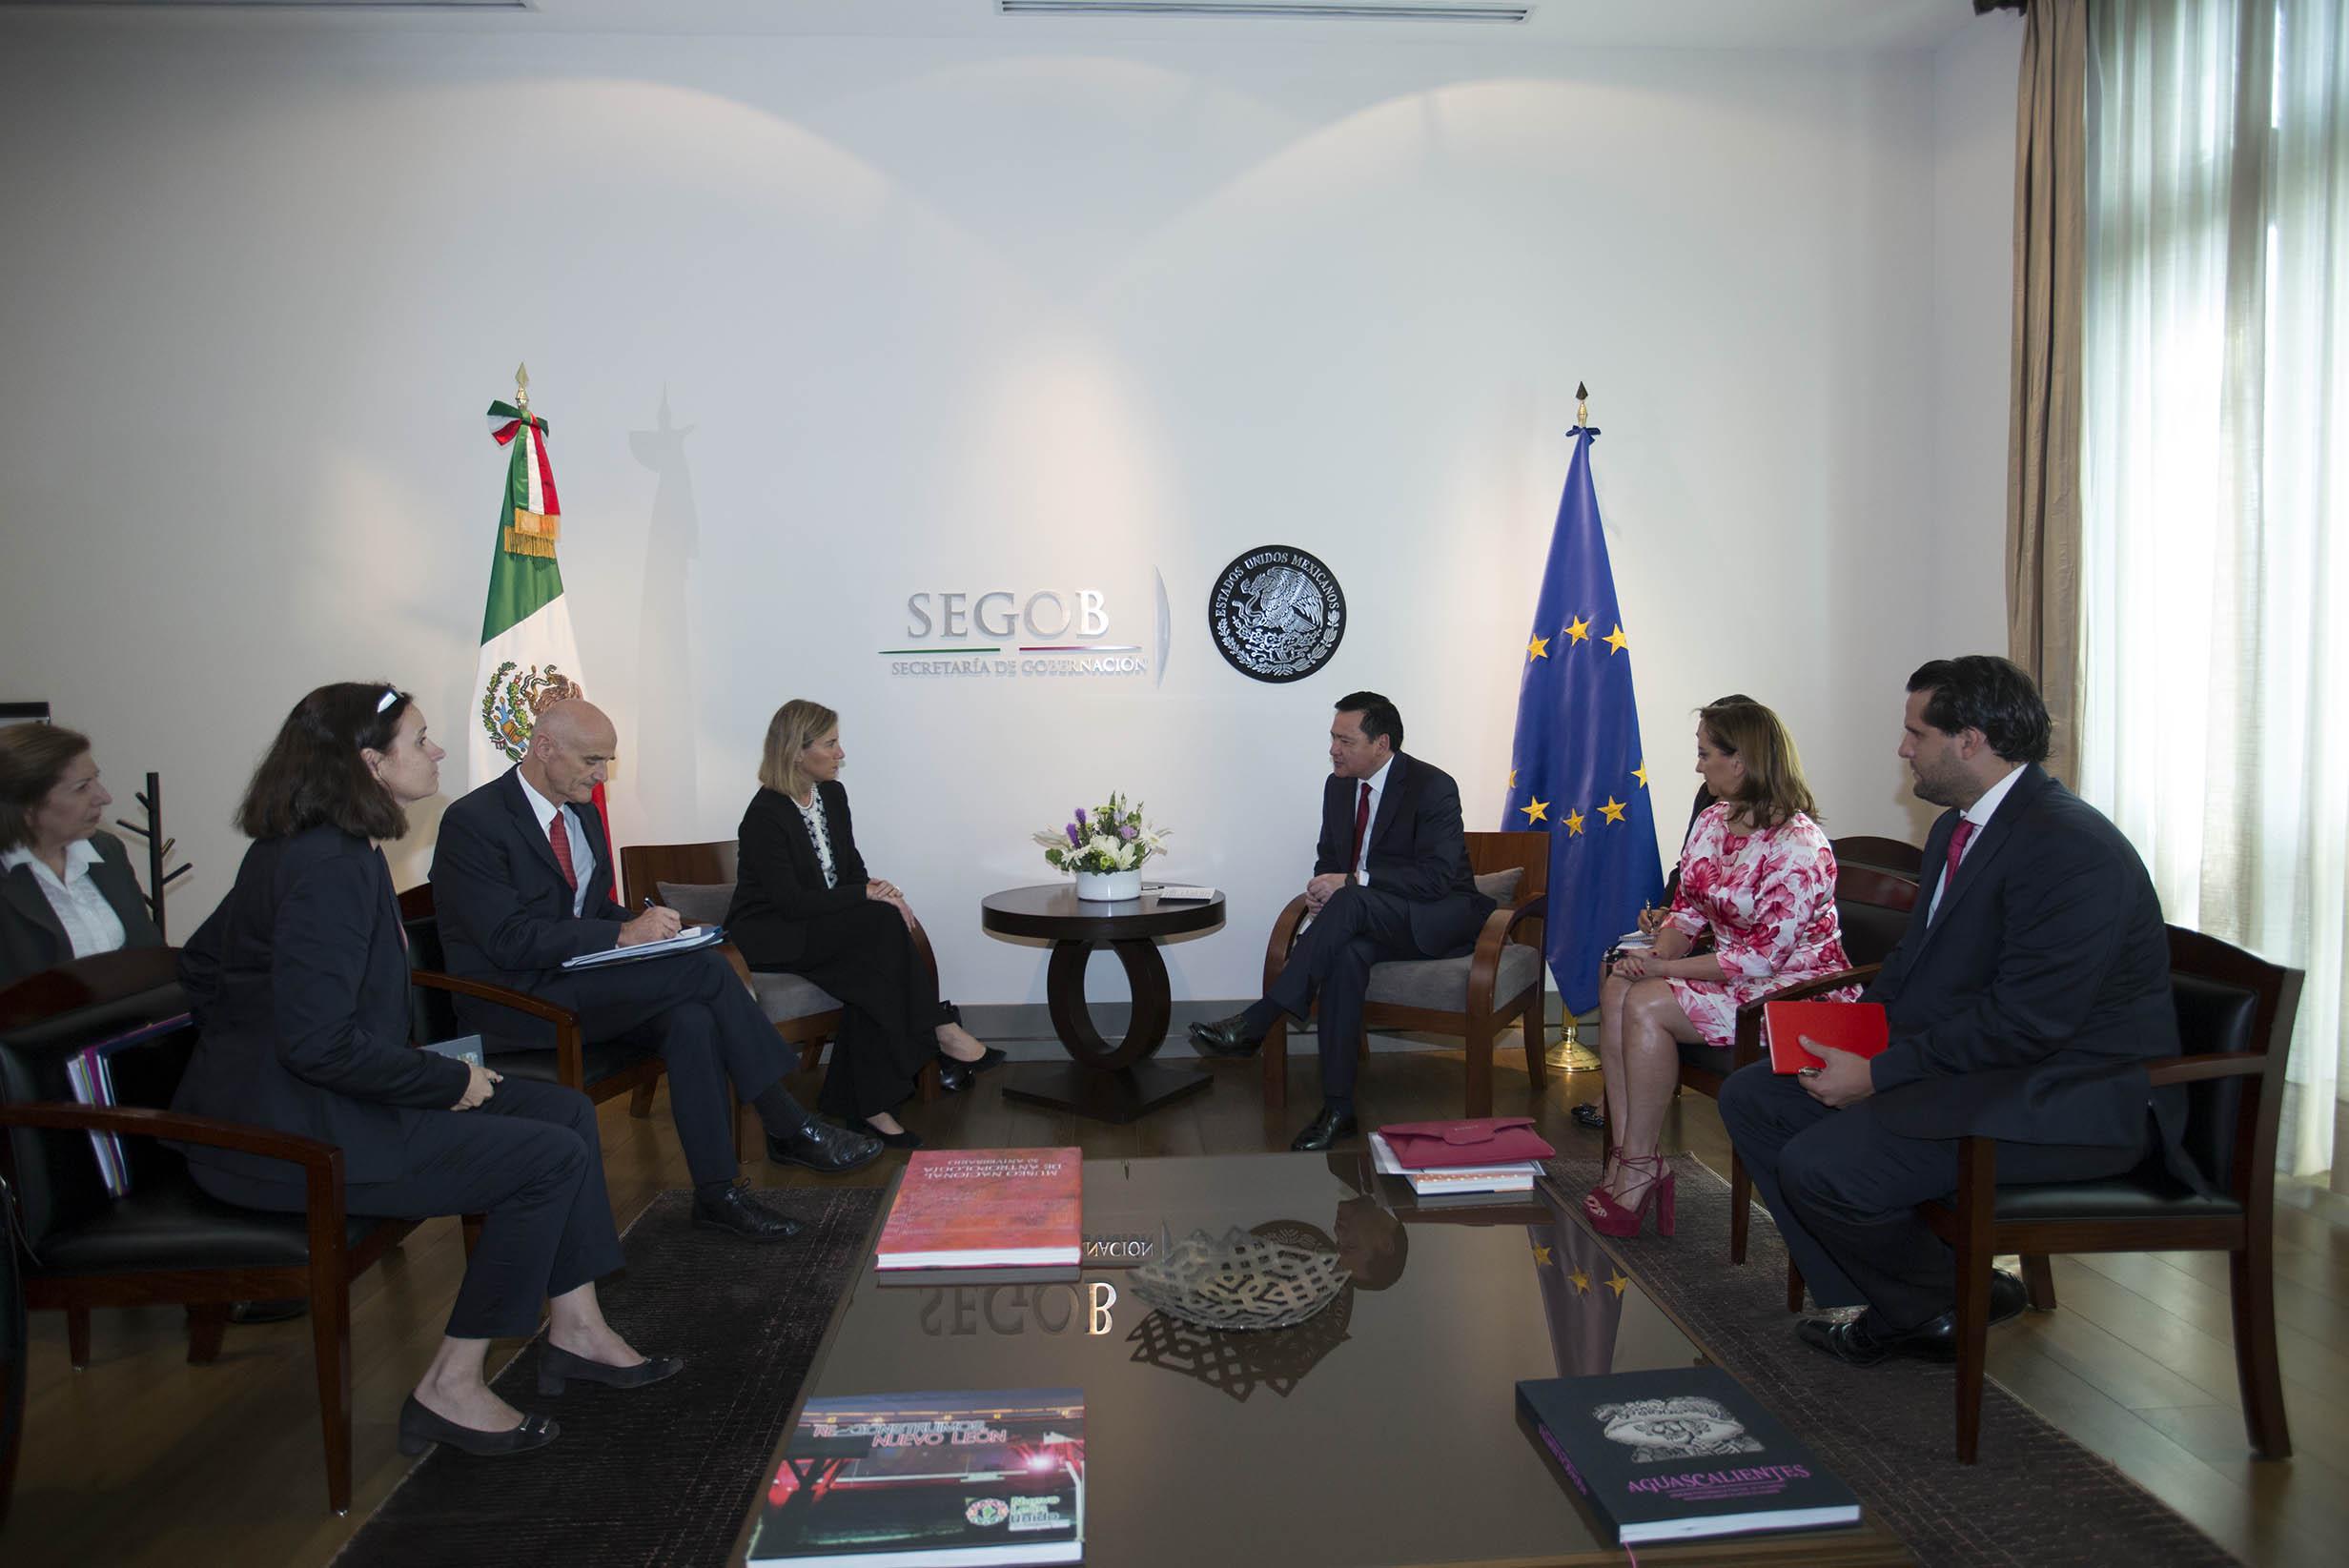 El Secretario de Gobernación inauguró el Segundo Diálogo de Seguridad Pública y Procuración de Justicia México-Unión Europea